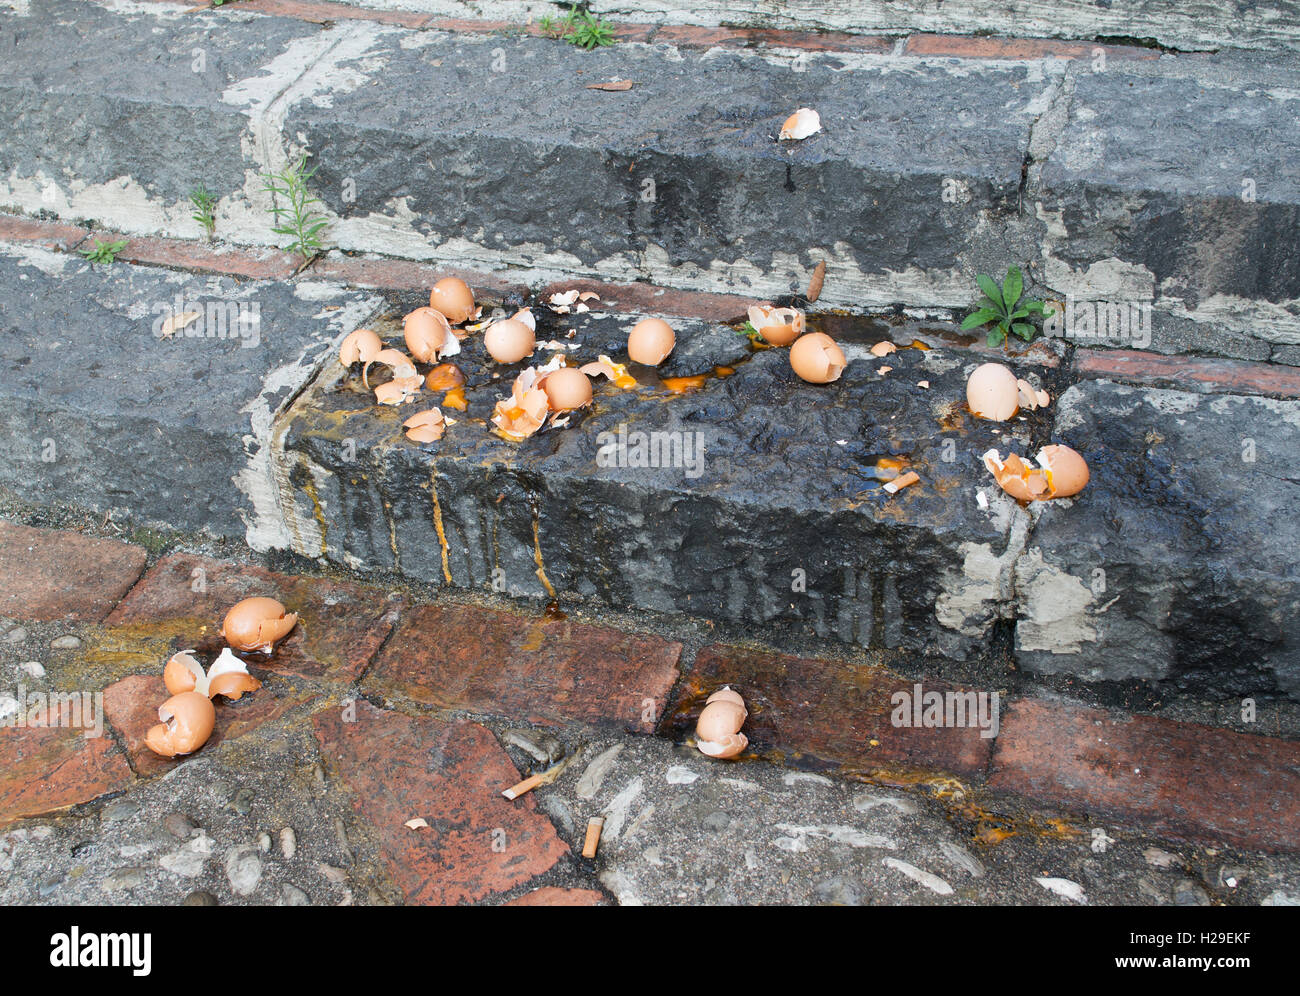 broken-eggs-on-steps-H29EKF.jpg